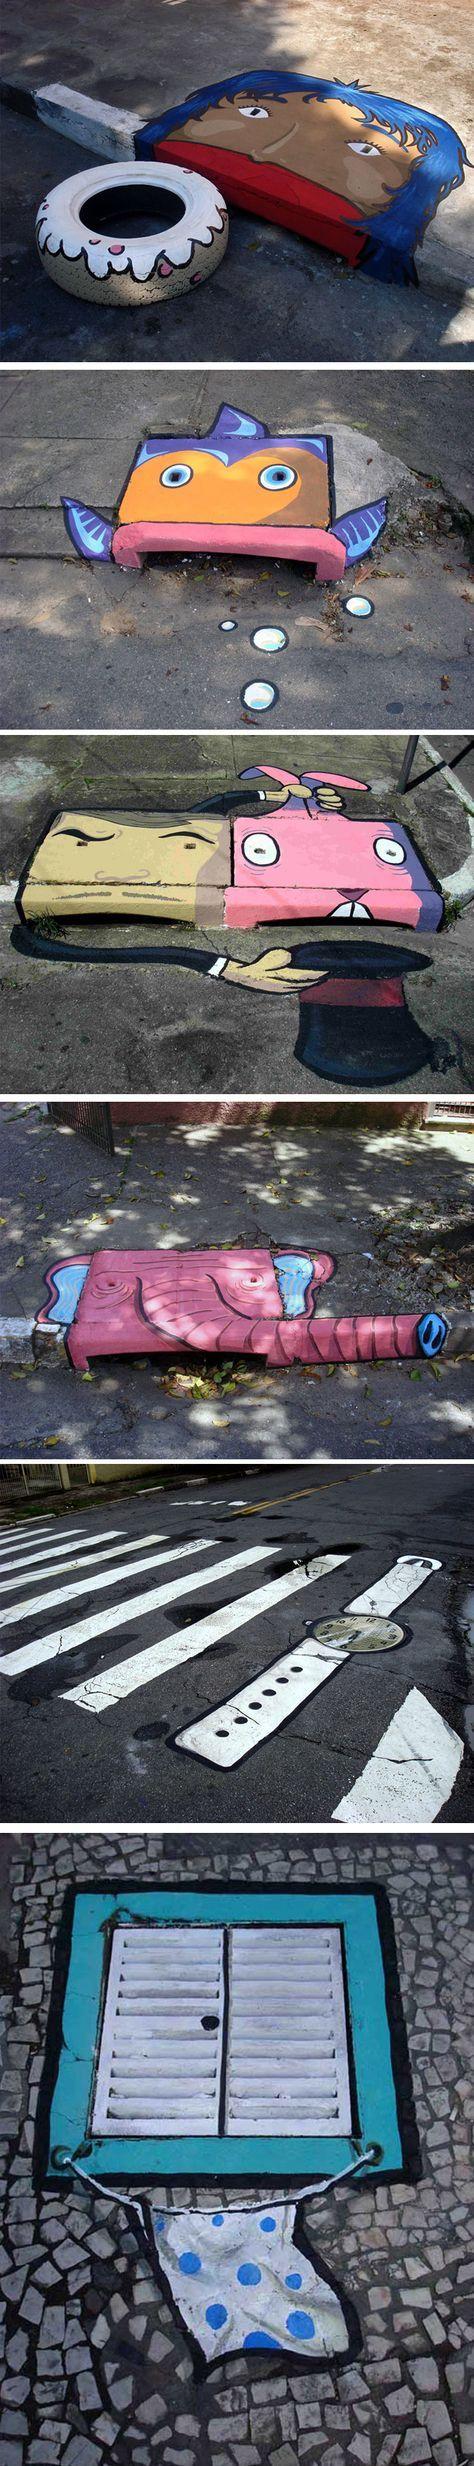 Street art em bueiros de rua...